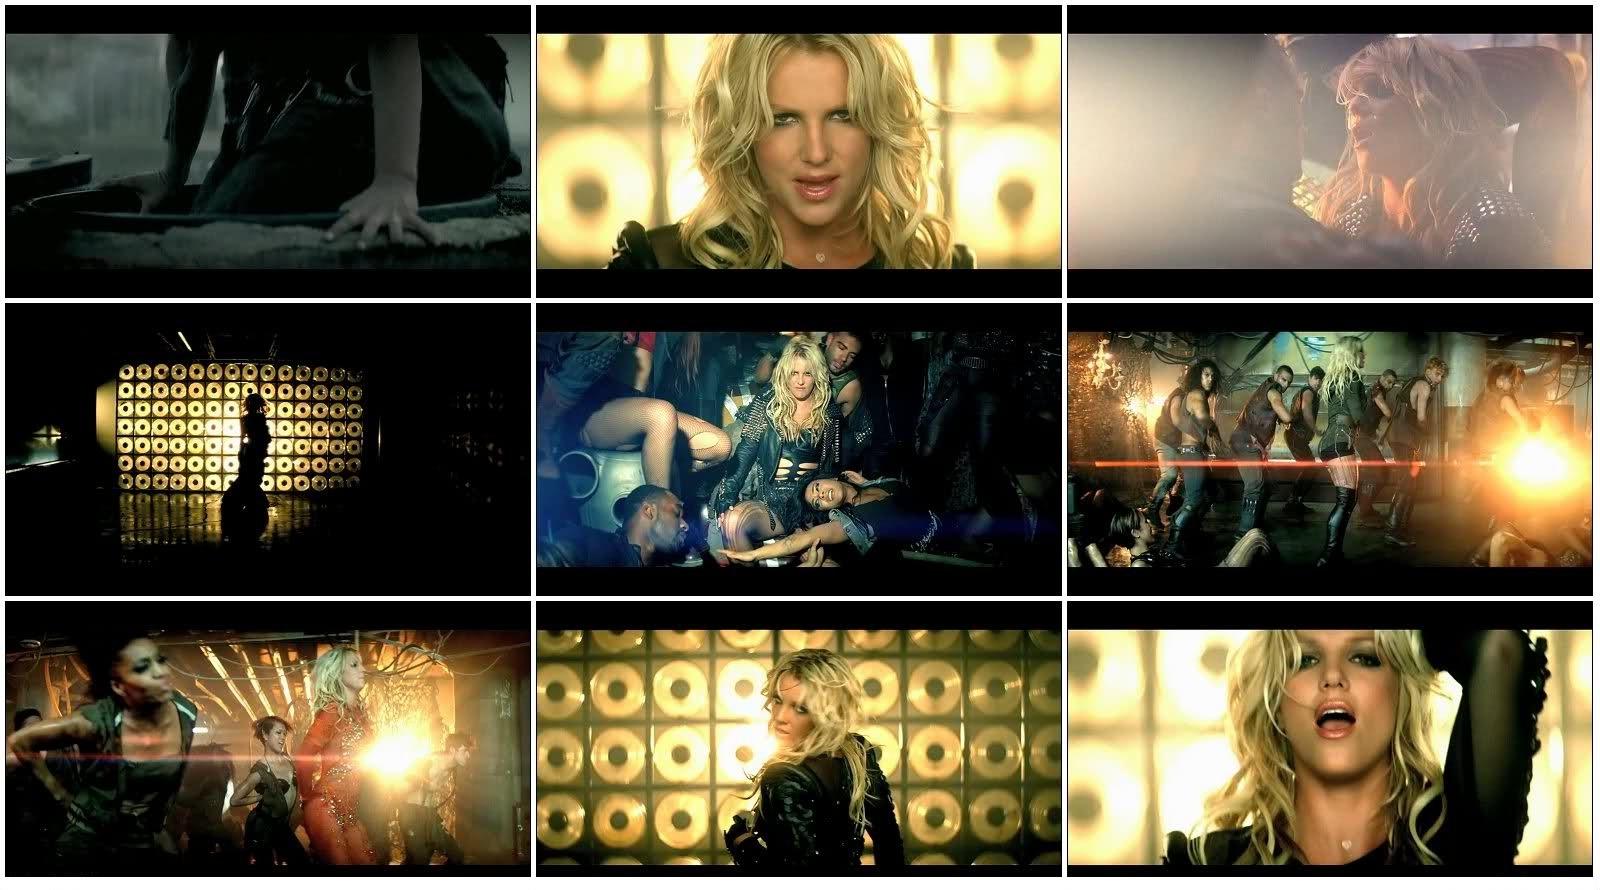 http://3.bp.blogspot.com/-STze7s1Ah8A/Tb0EHcXFFFI/AAAAAAAAAkA/BnFvd-zbors/s1600/britney.jpg